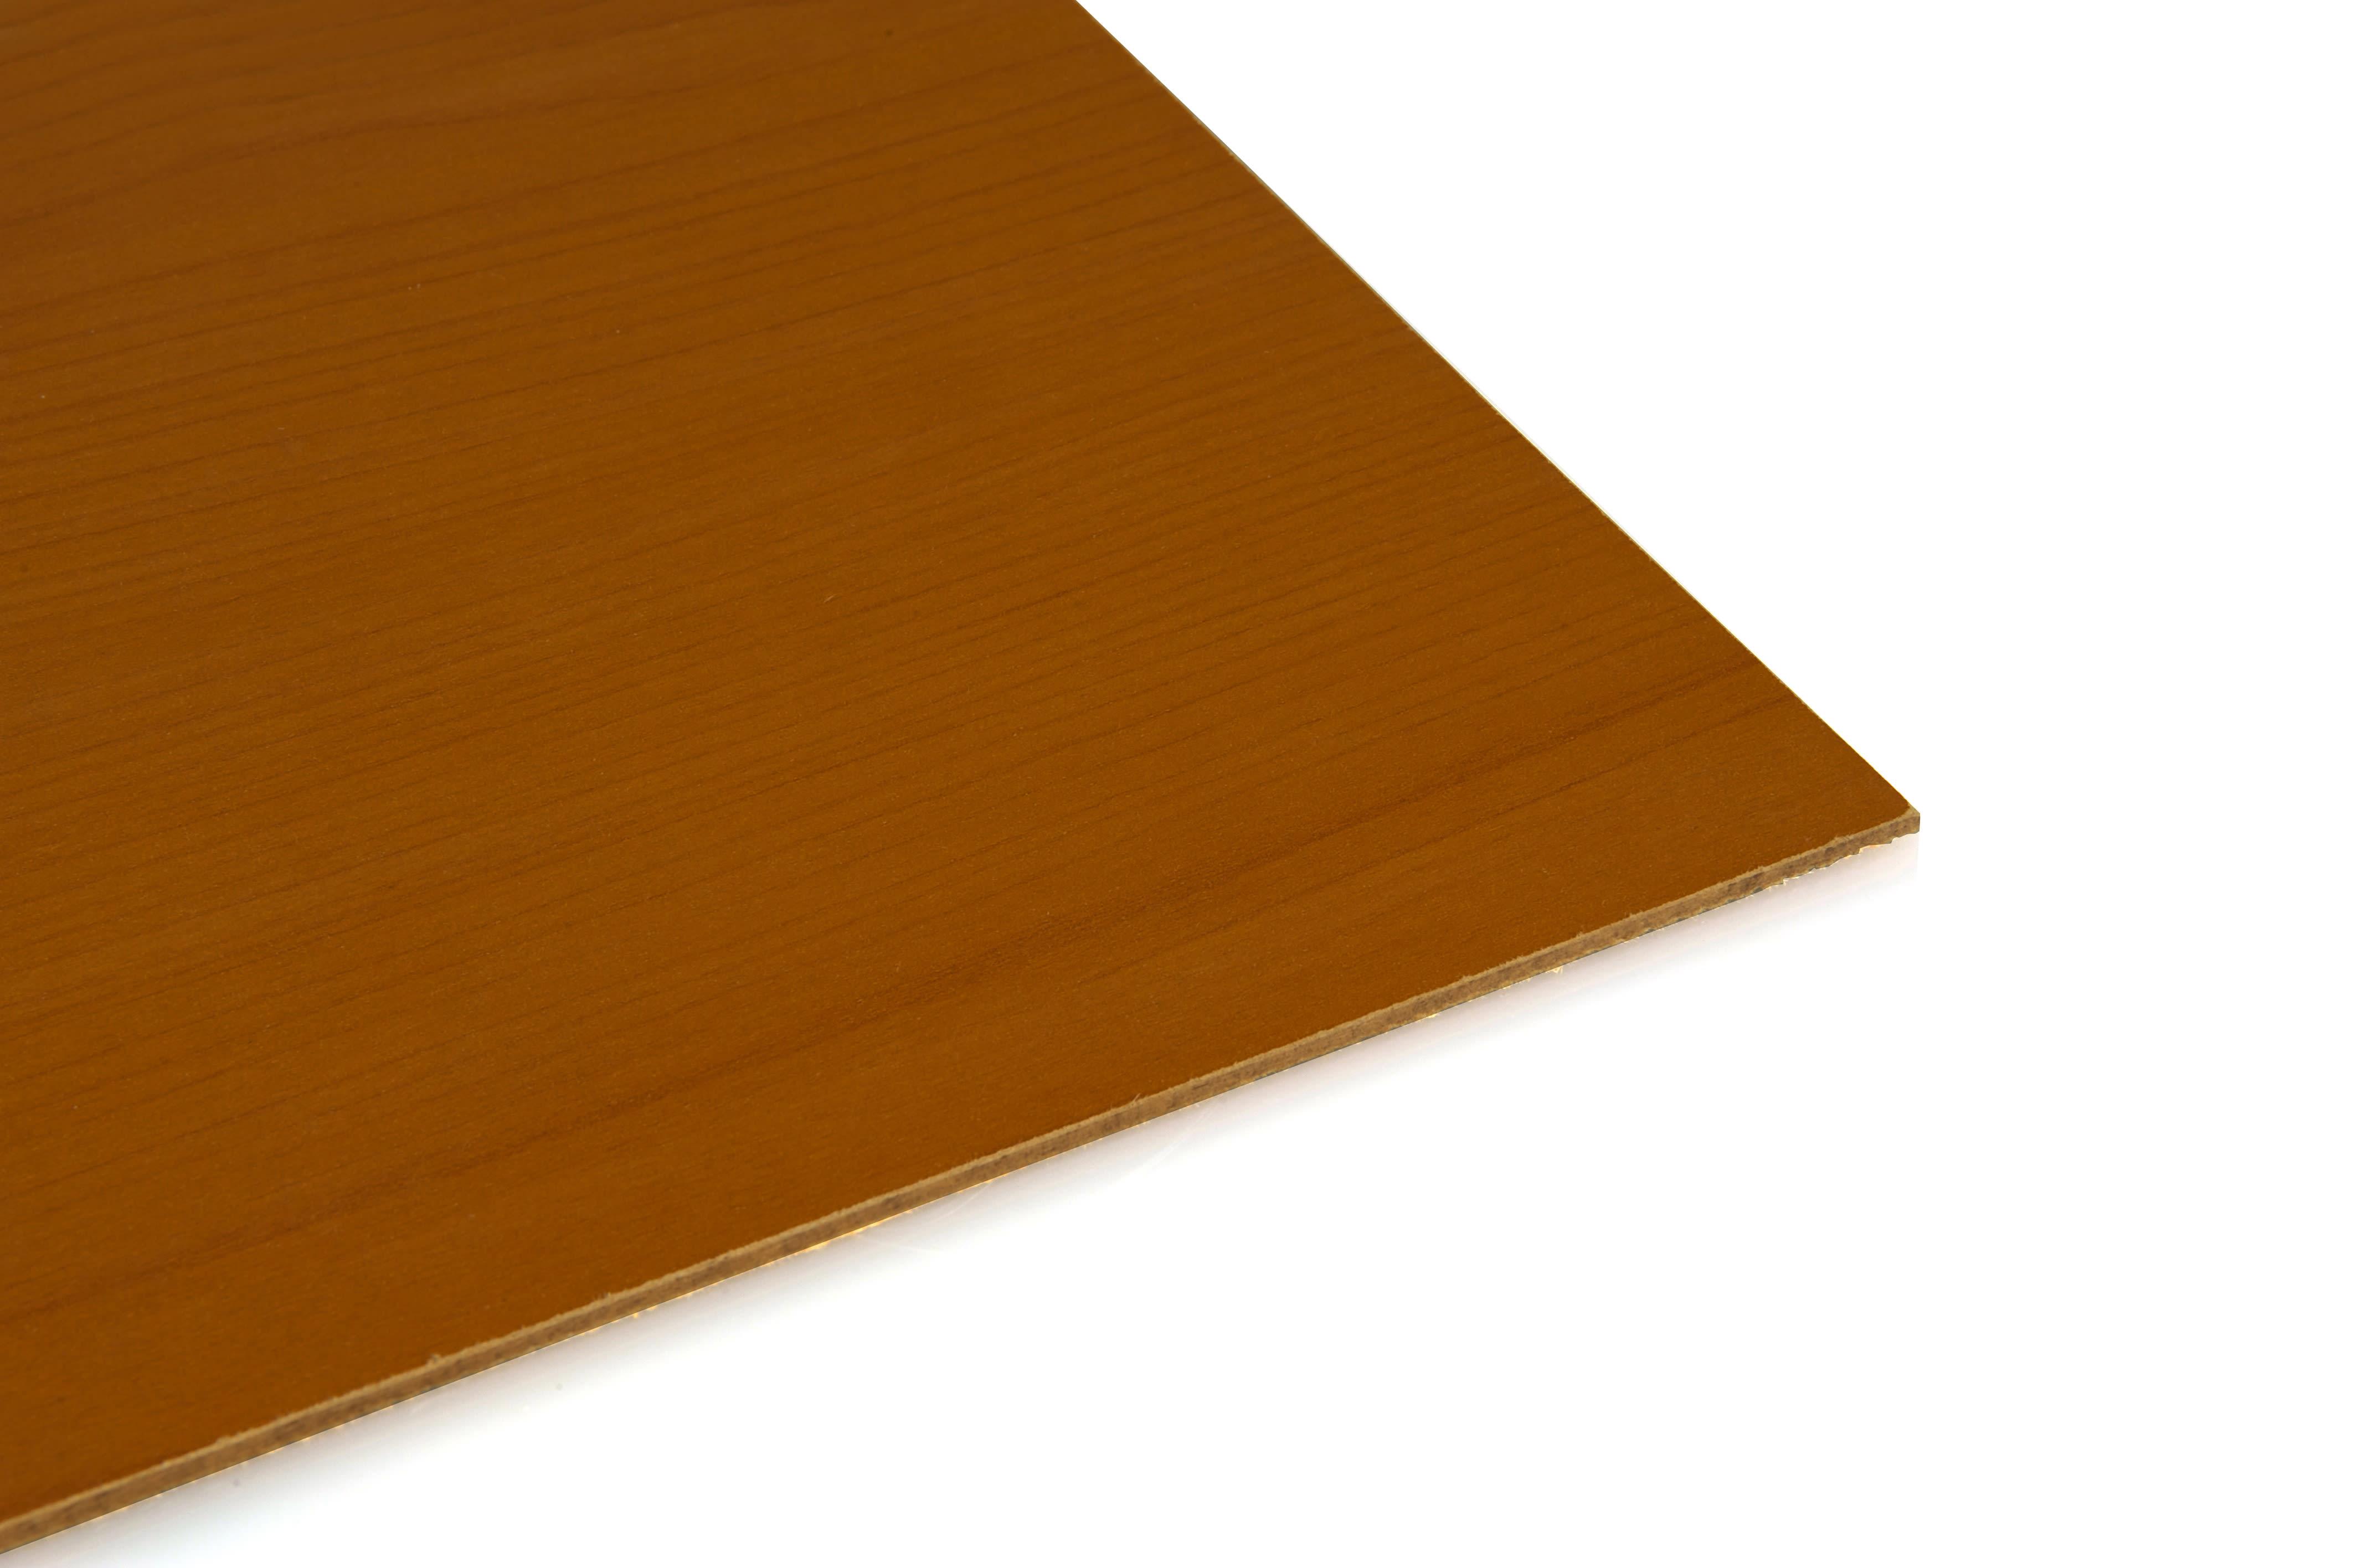 Pannelli Fibra Di Legno pannello fibra di legno sp 3 mm al taglio